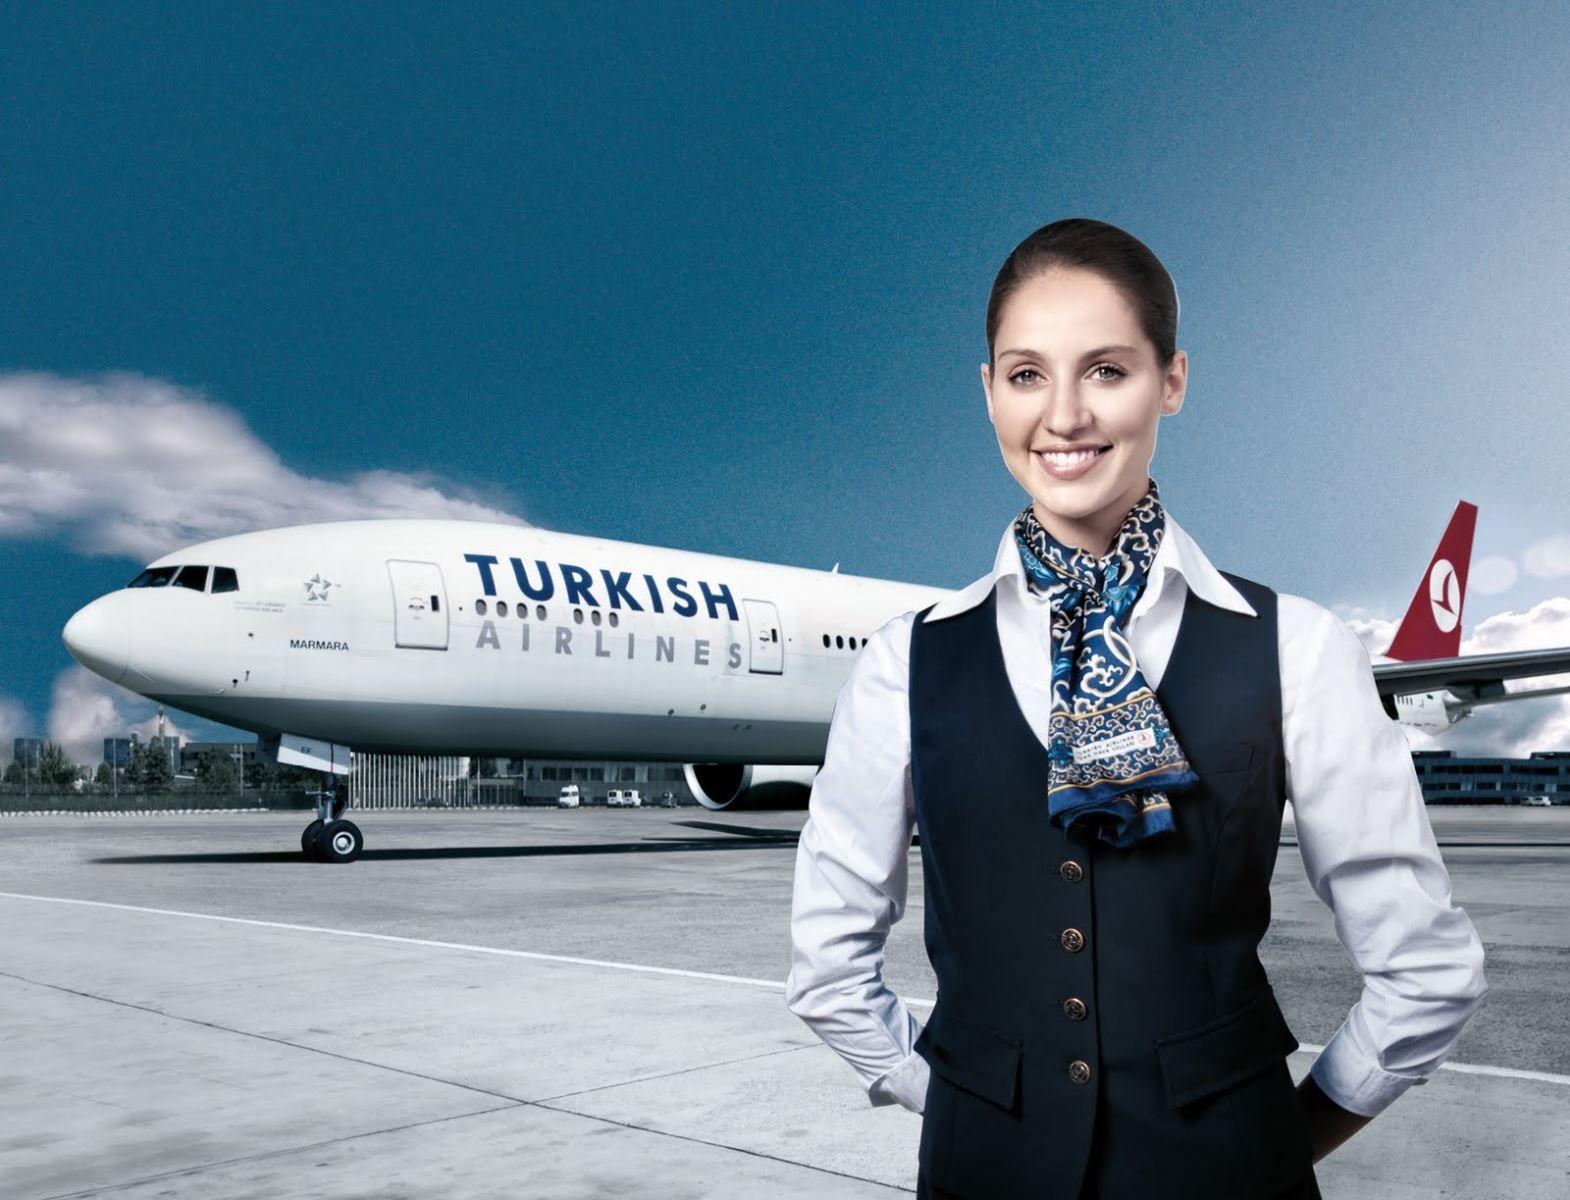 Turk Hava Yollari Ucak Bileti En Ucuz Ucak Bileti Burada Hanoi Ucak Biletleri Havacilik